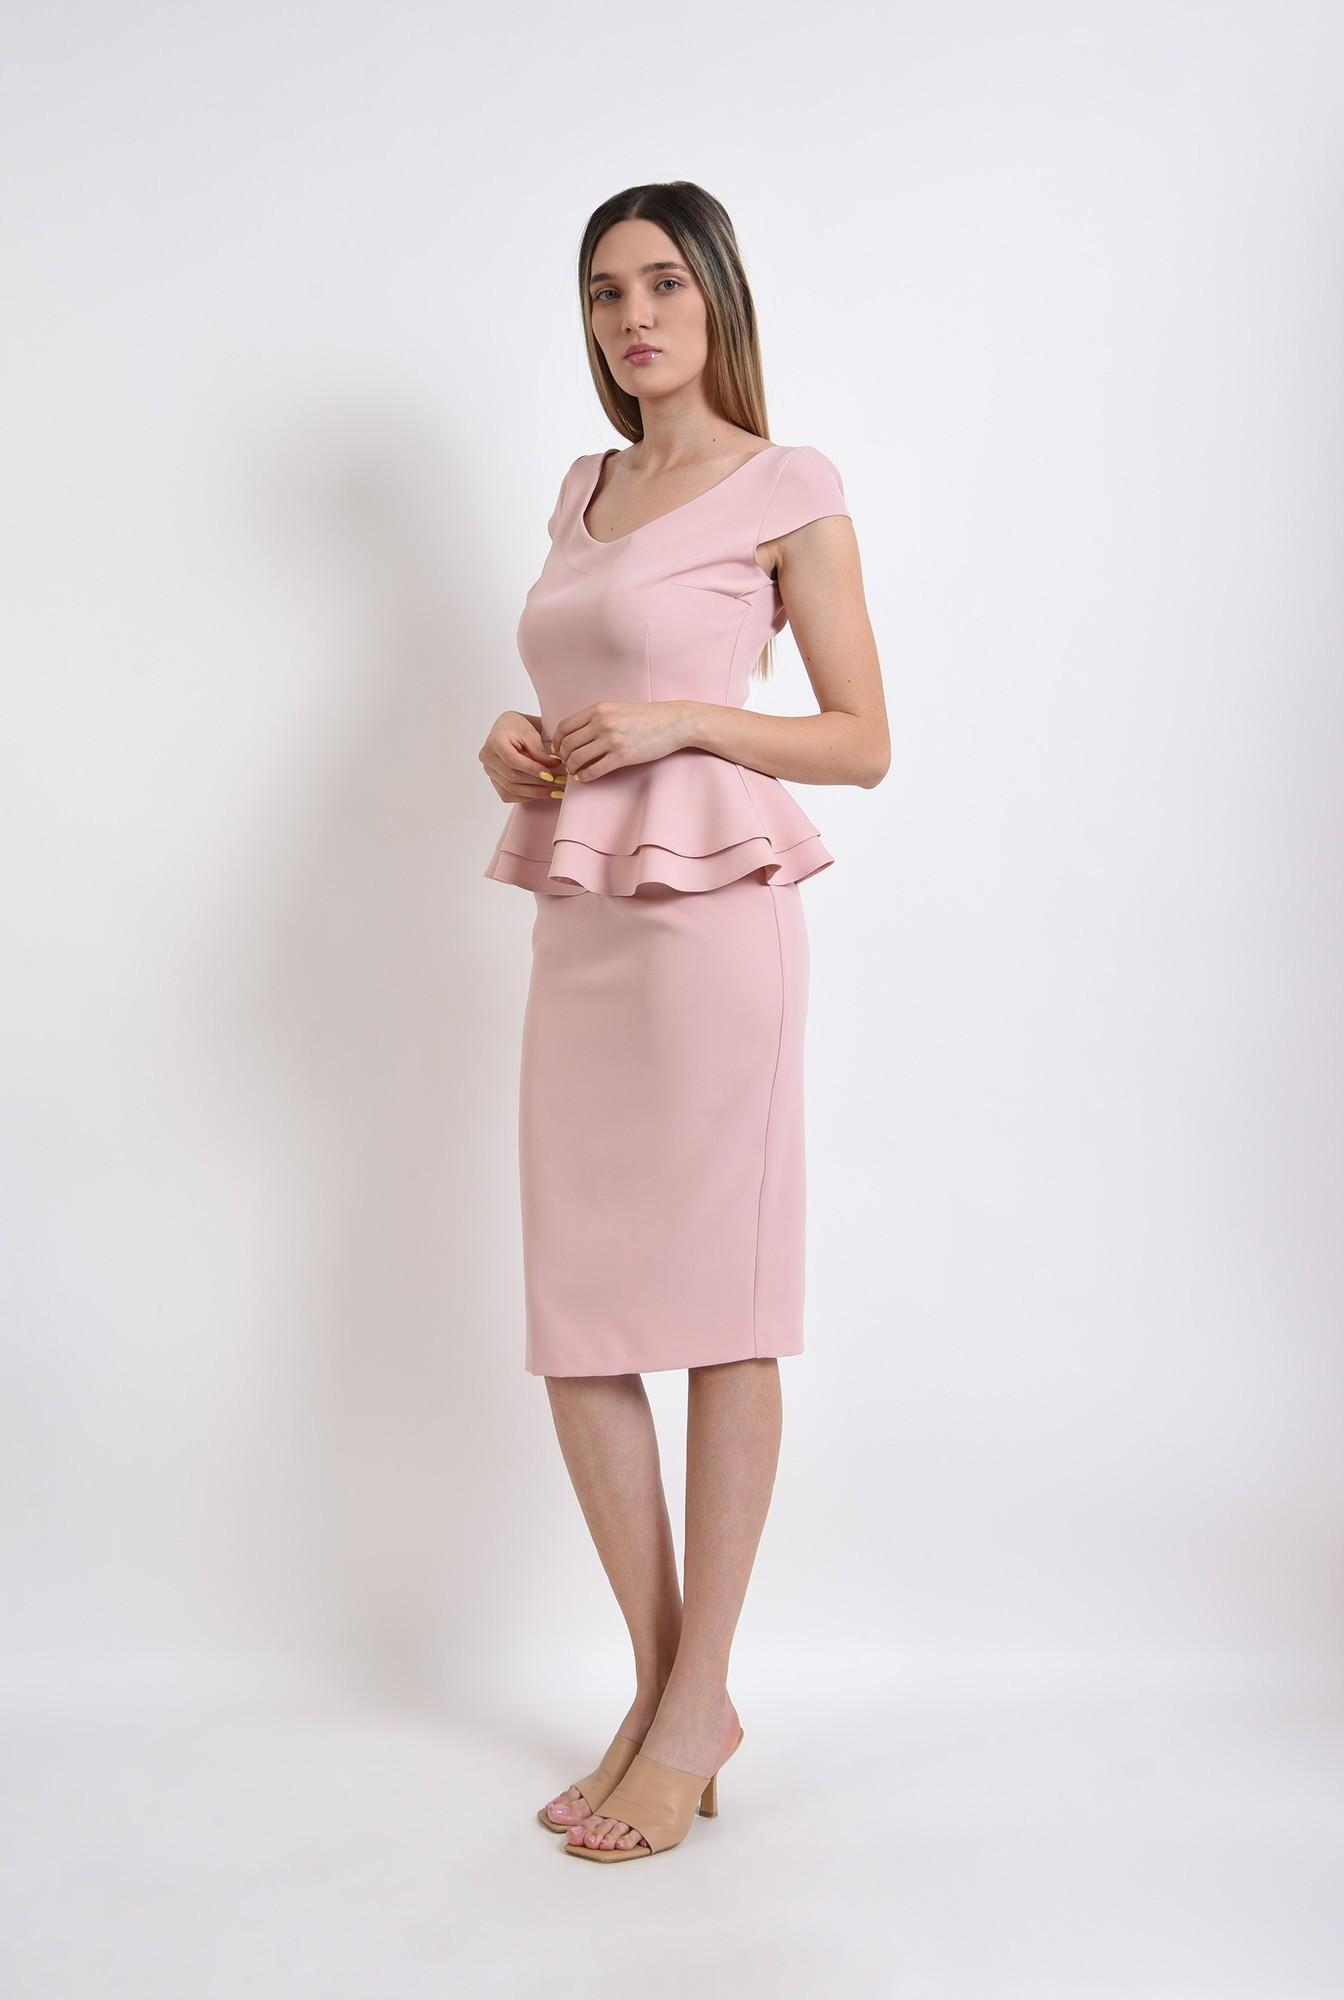 0 - compleu roz, fusta midi, top cu peplum, compleu elegant